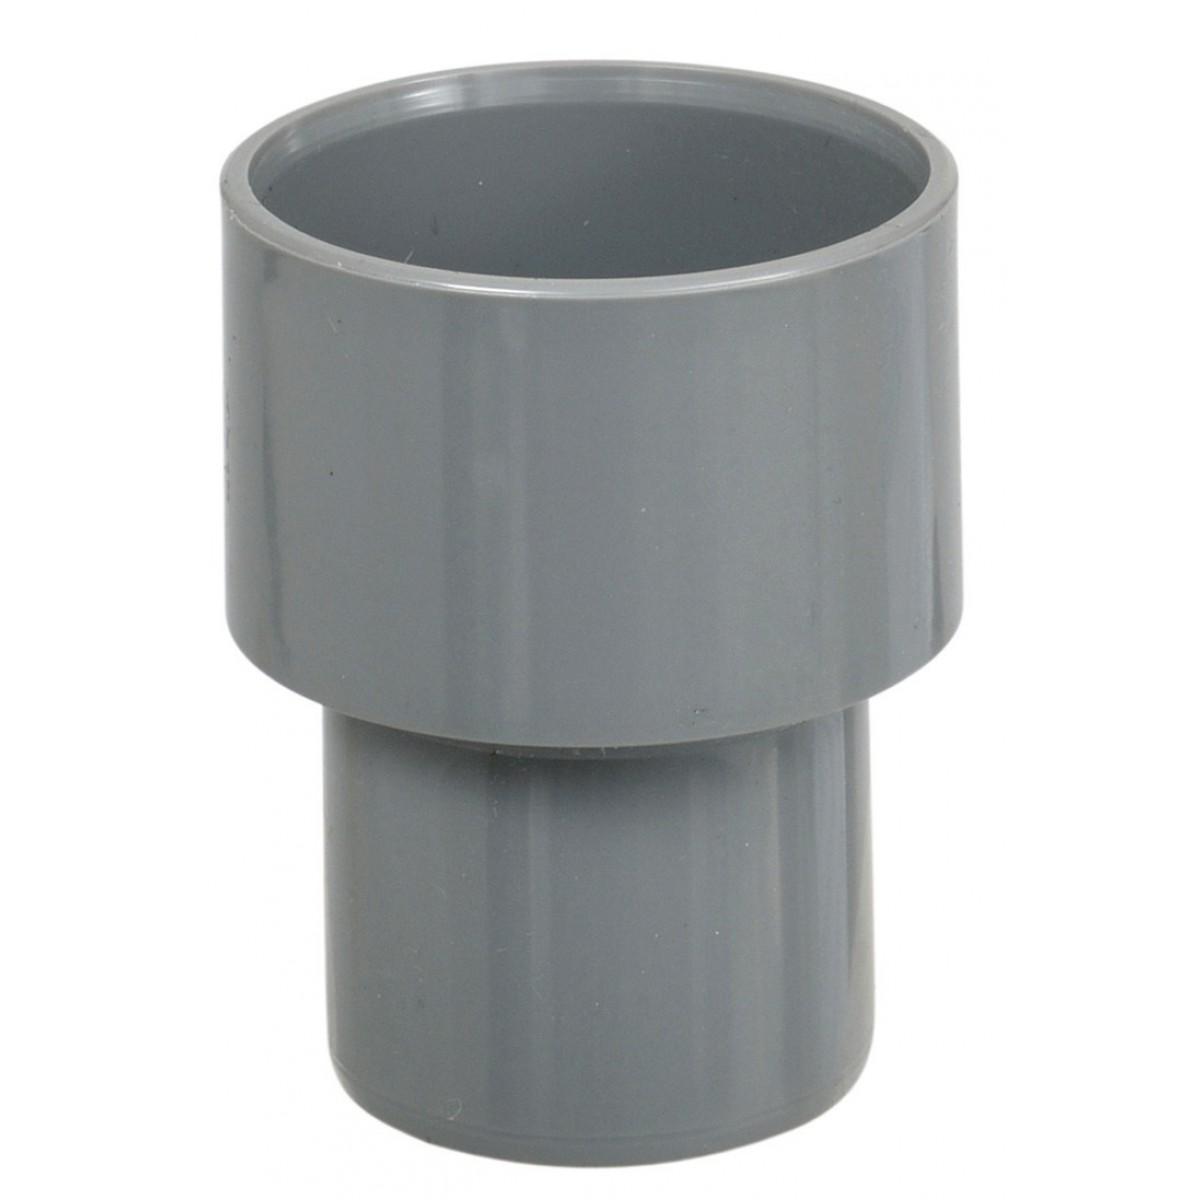 Manchette de réparation Femelle / Mâle Girpi - Diamètre 40 - 32 mm